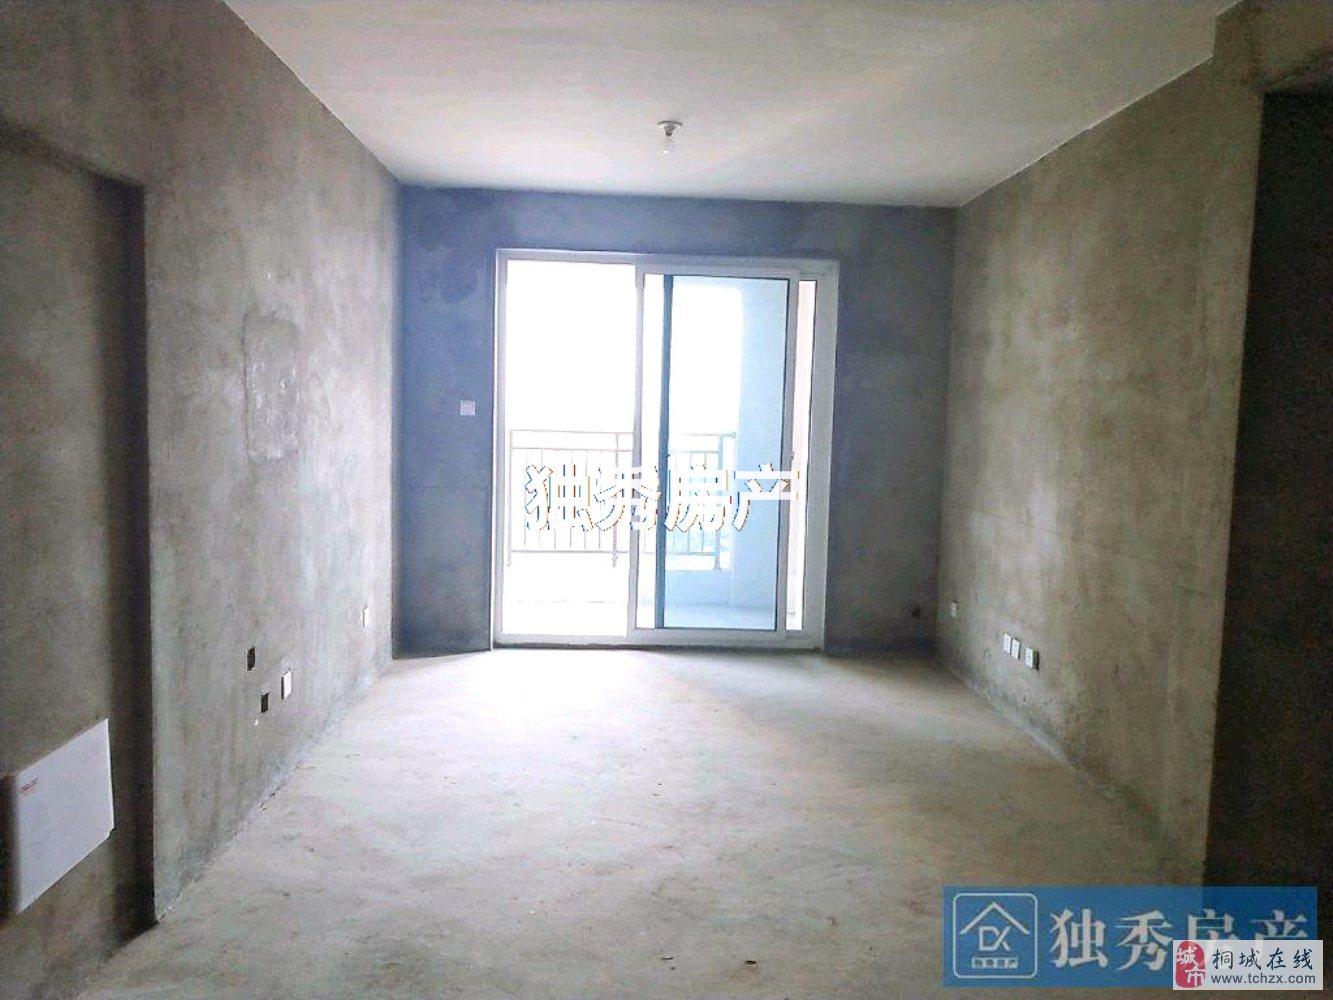 天紫·四季花城3室2厅1卫89.77万元